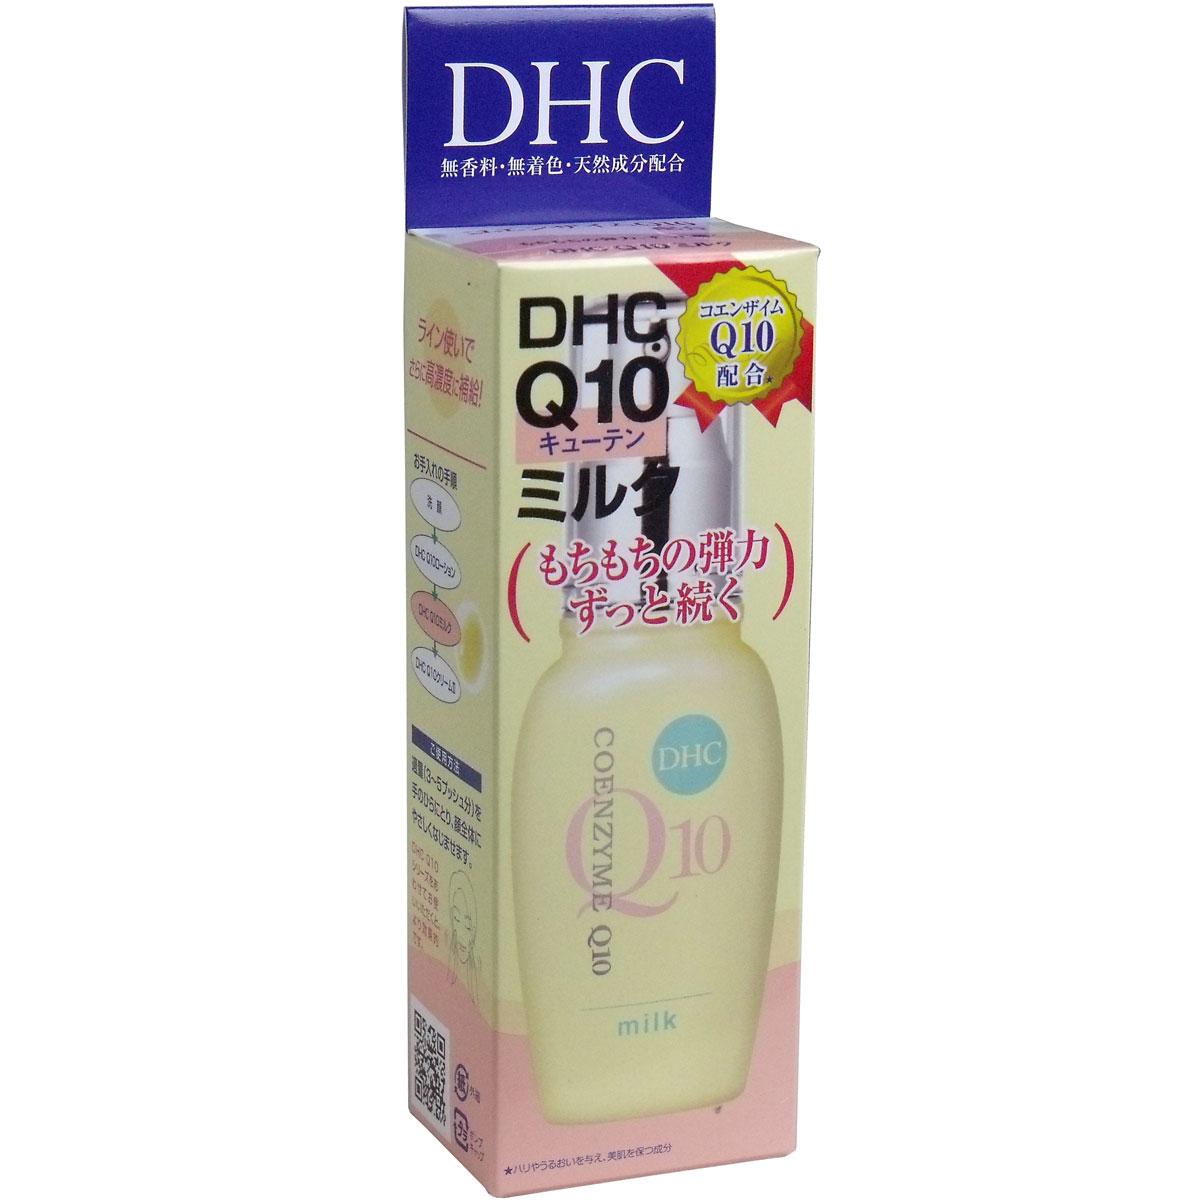 【送料無料・まとめ買い×030】DHC Q10ミルク SS 40ML コエンザイムQ10 ×030点セット(4511413302392)